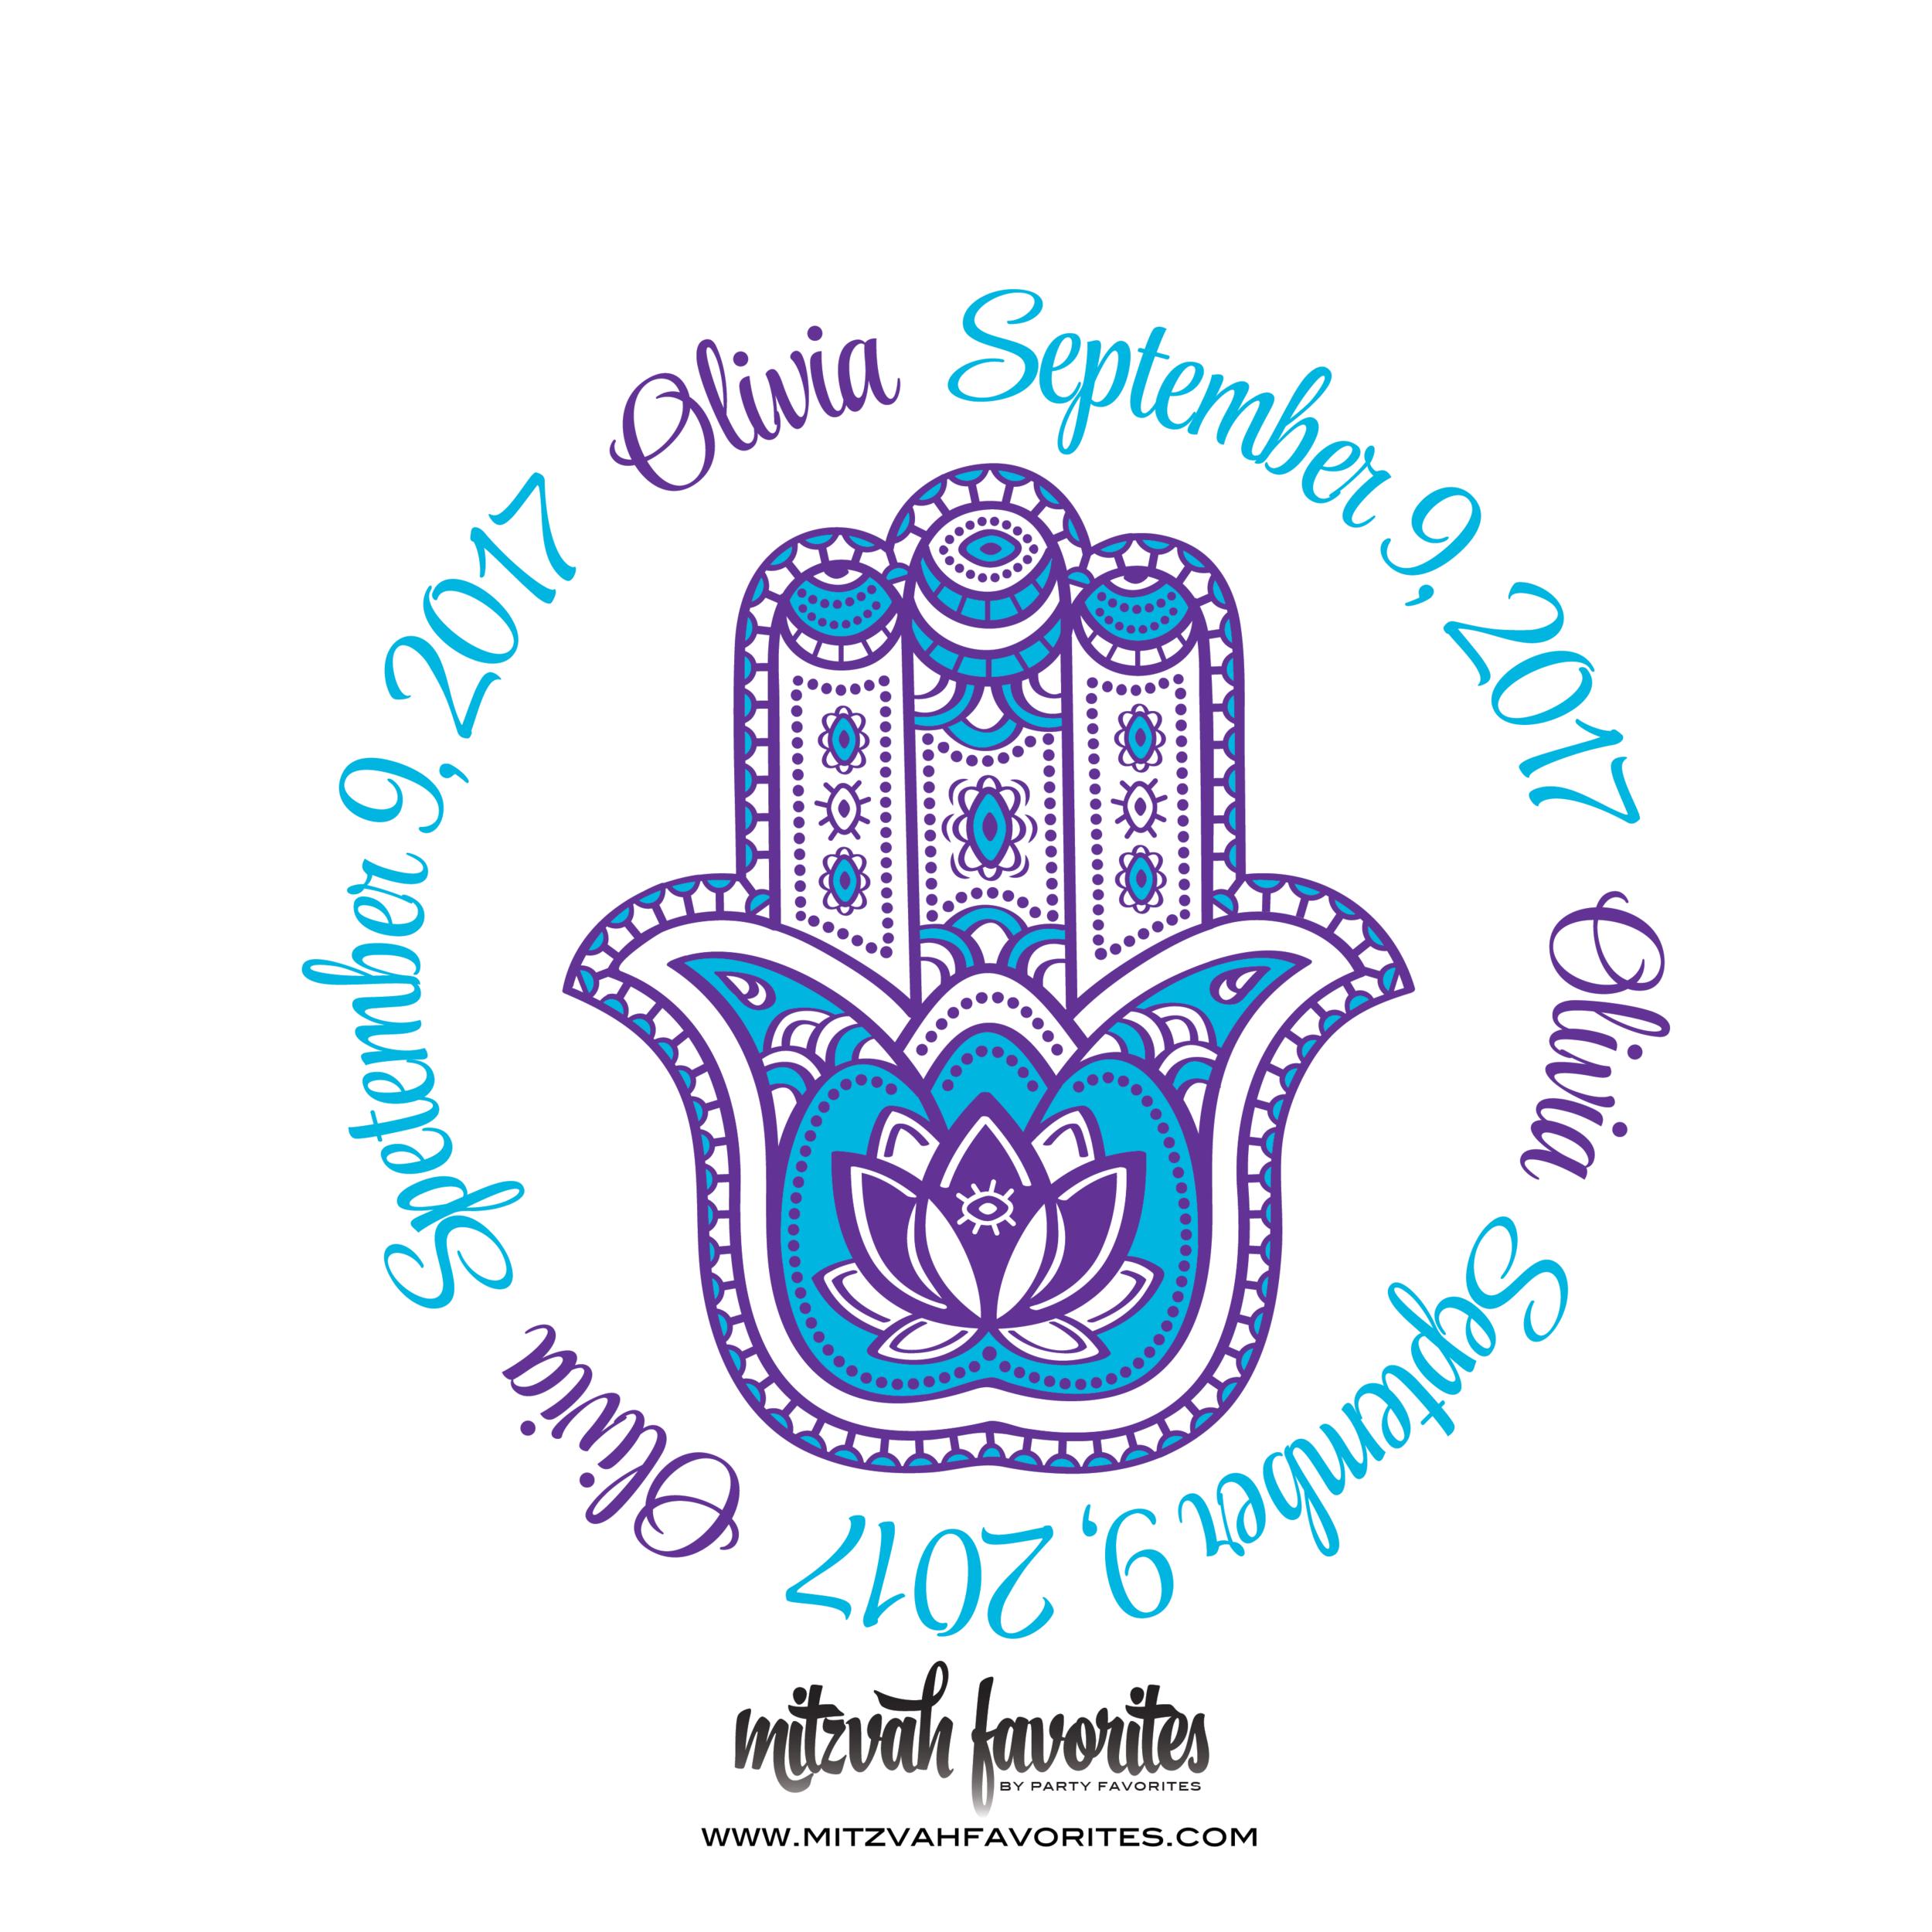 hamsa_bat_mitzvah_Logo__mitzvah_favorites.png